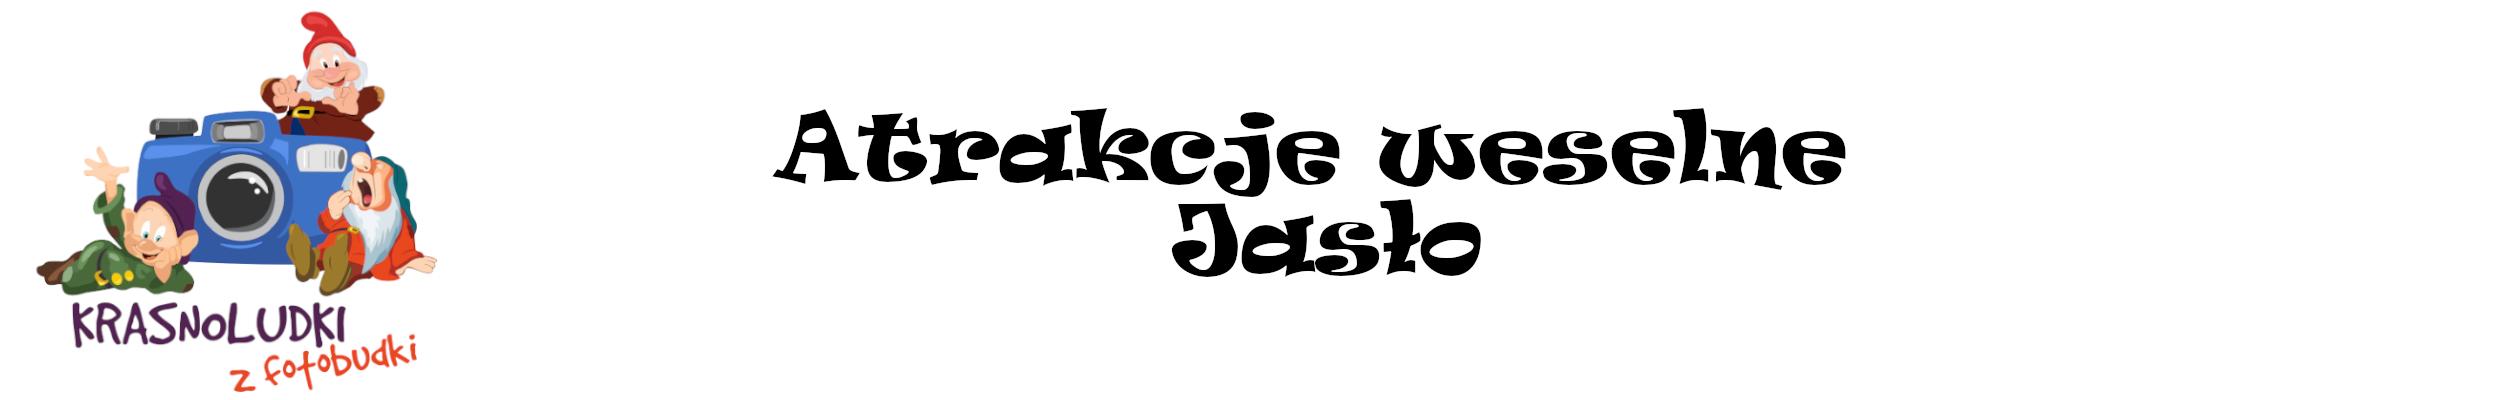 Fotobudka Jasło, ciężki dym Jasło, napis love, fotobudka Krosno, ciężki dym Krosno